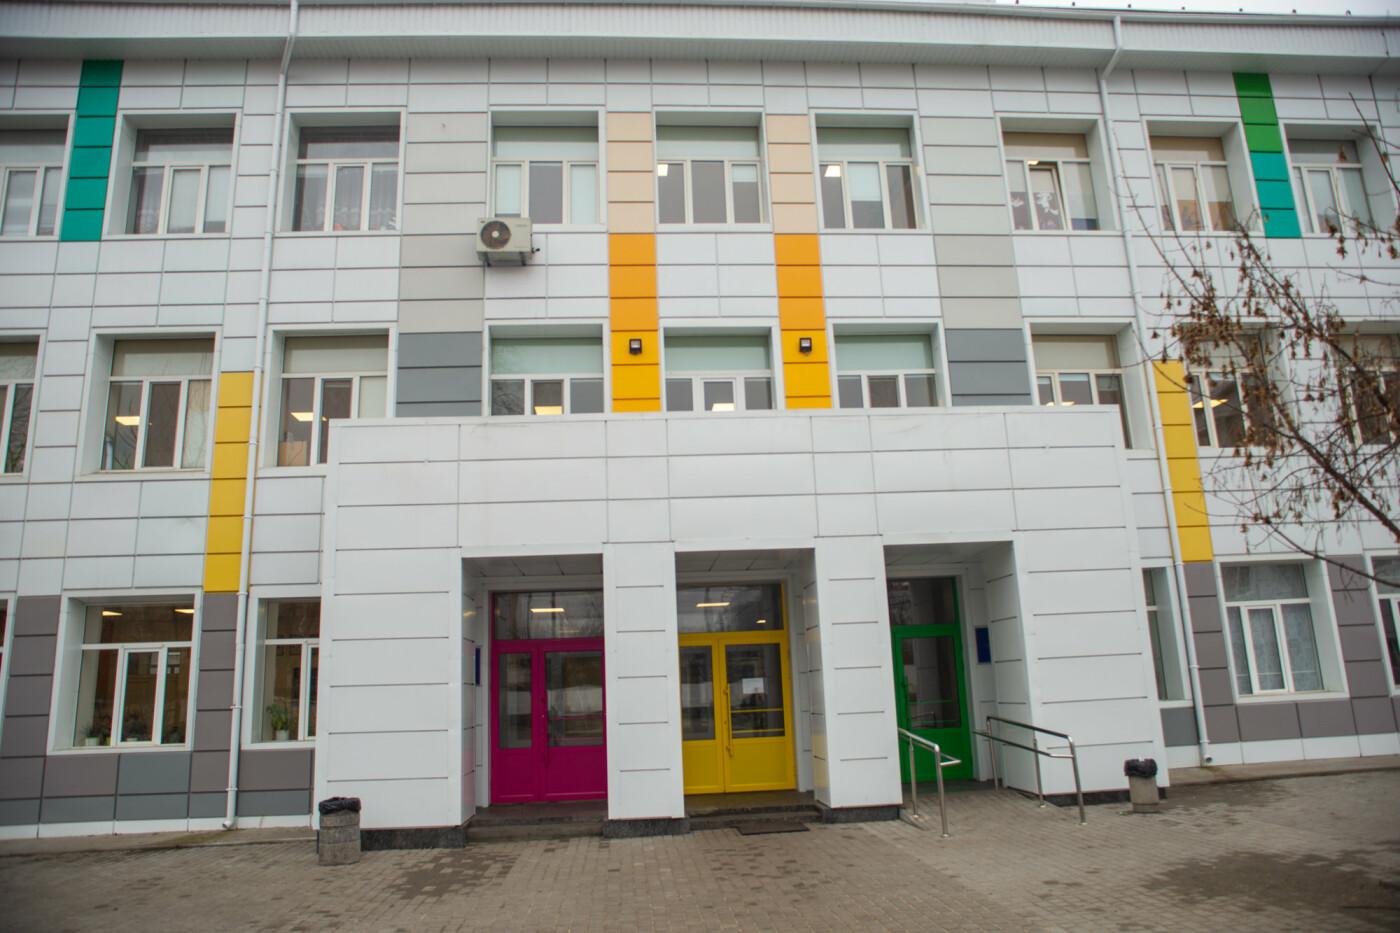 В Днепре старая школа превратилась в яркую и современную, - ФОТО, фото-1